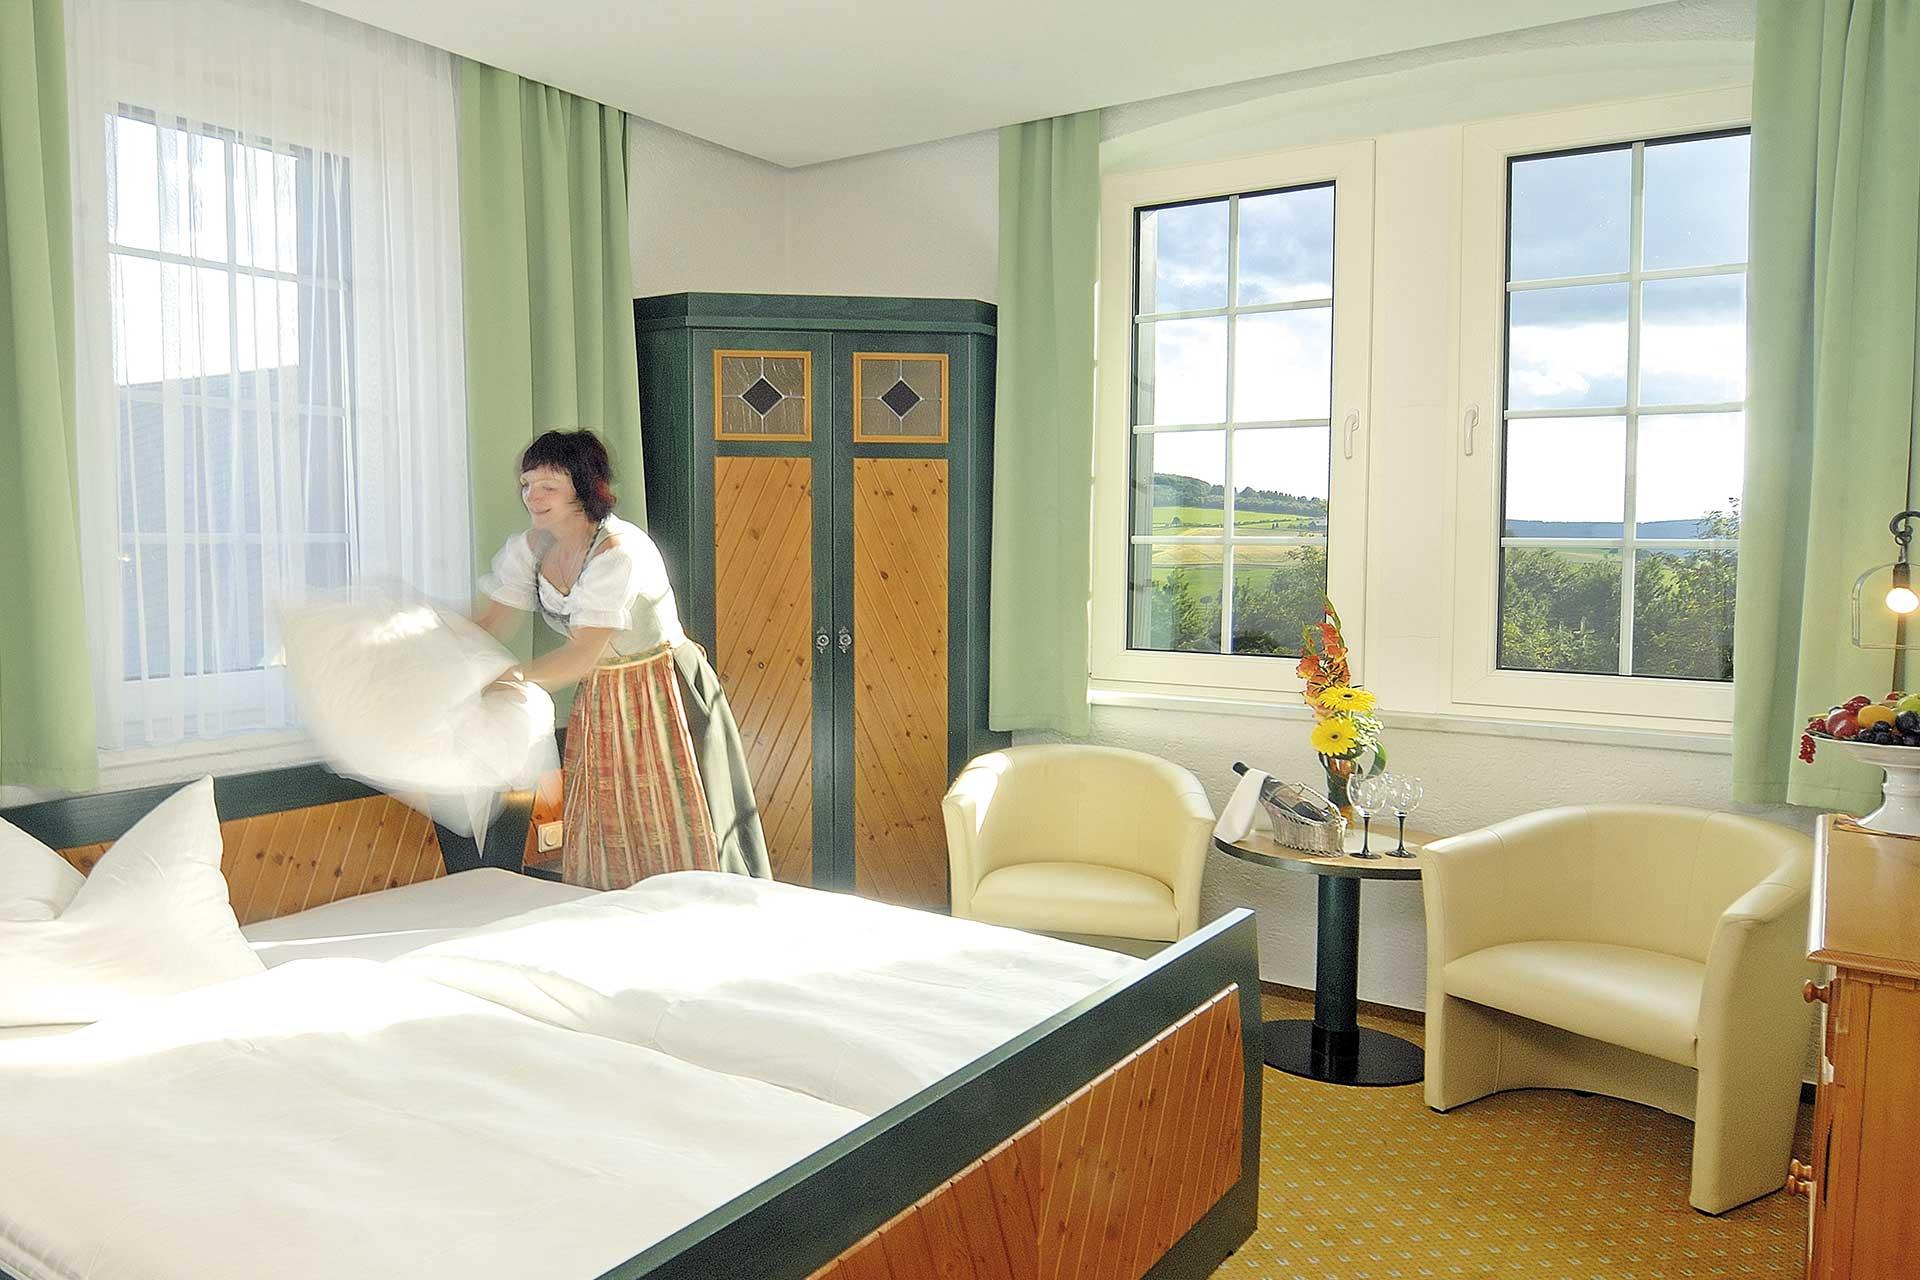 hotel-berghof-doppelzimmer-frau-holle2